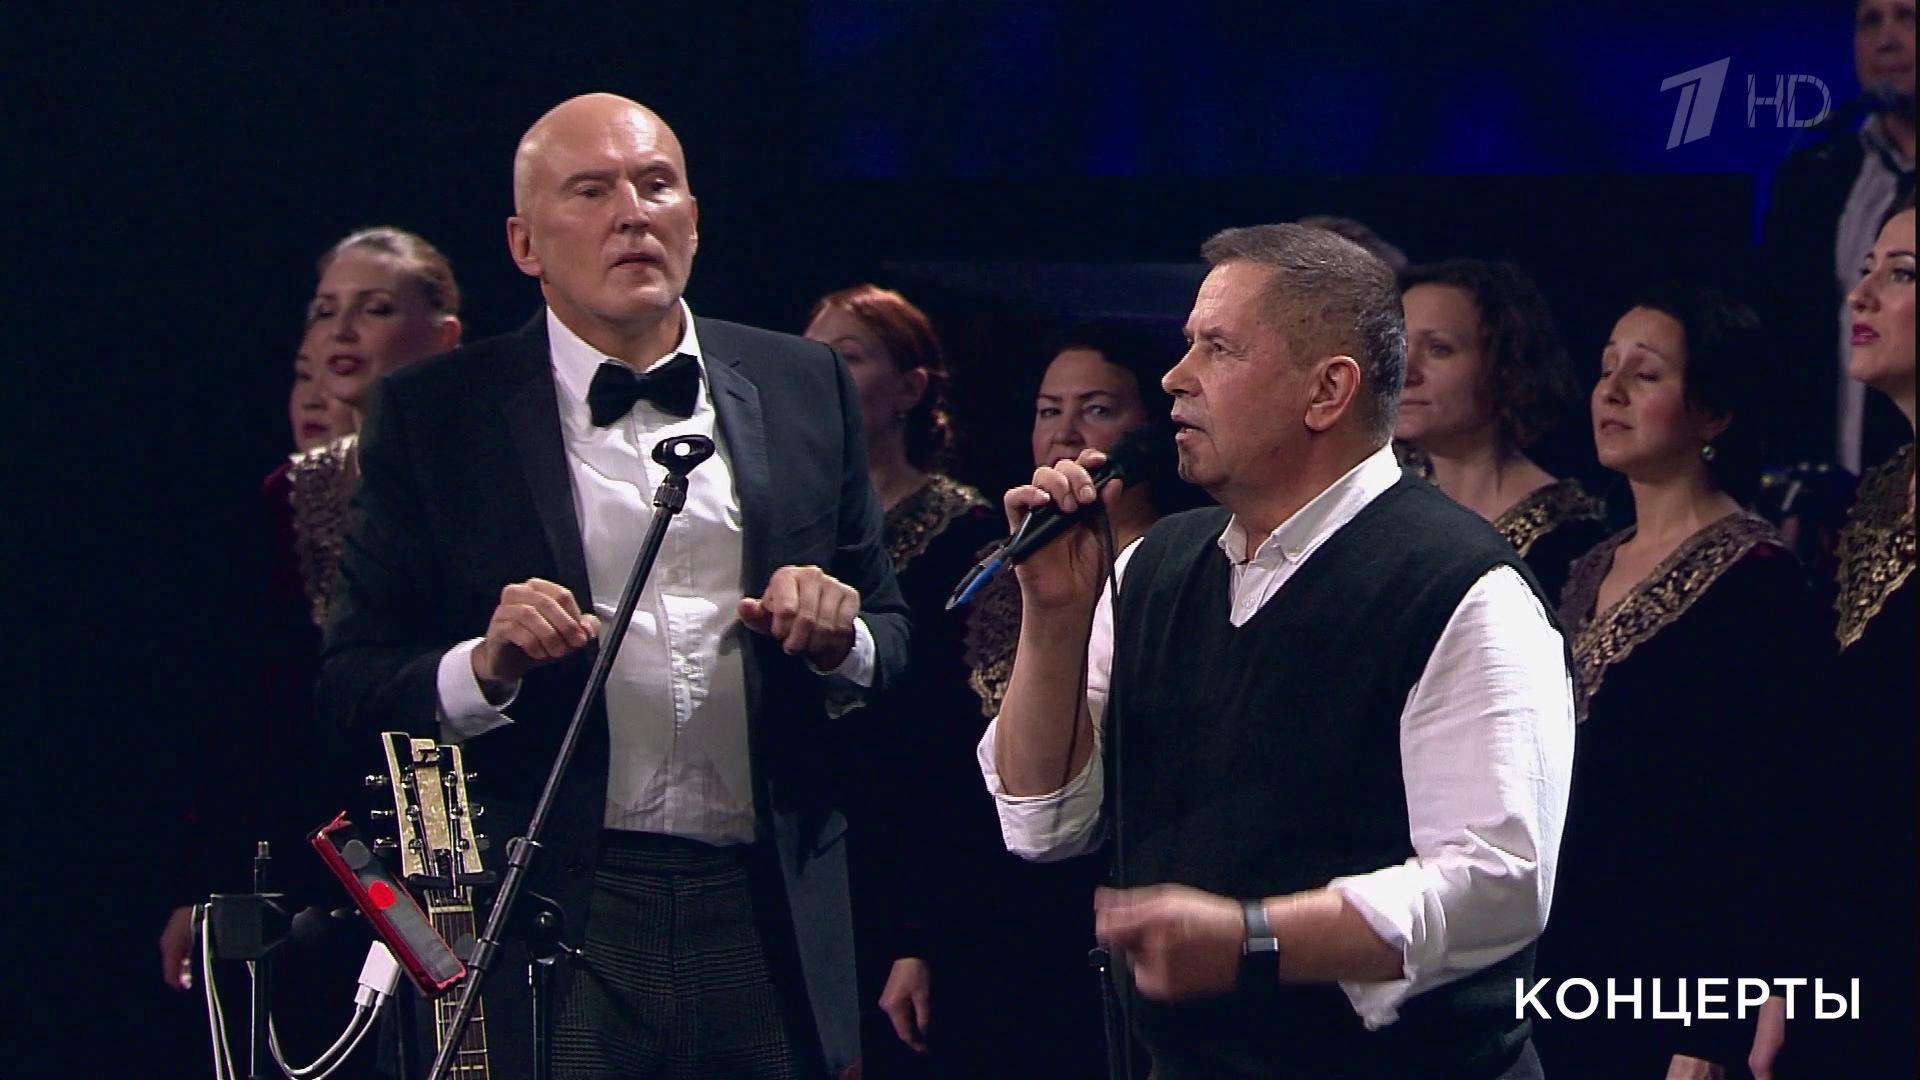 Юбилейный концерт Игоря Матвиенко